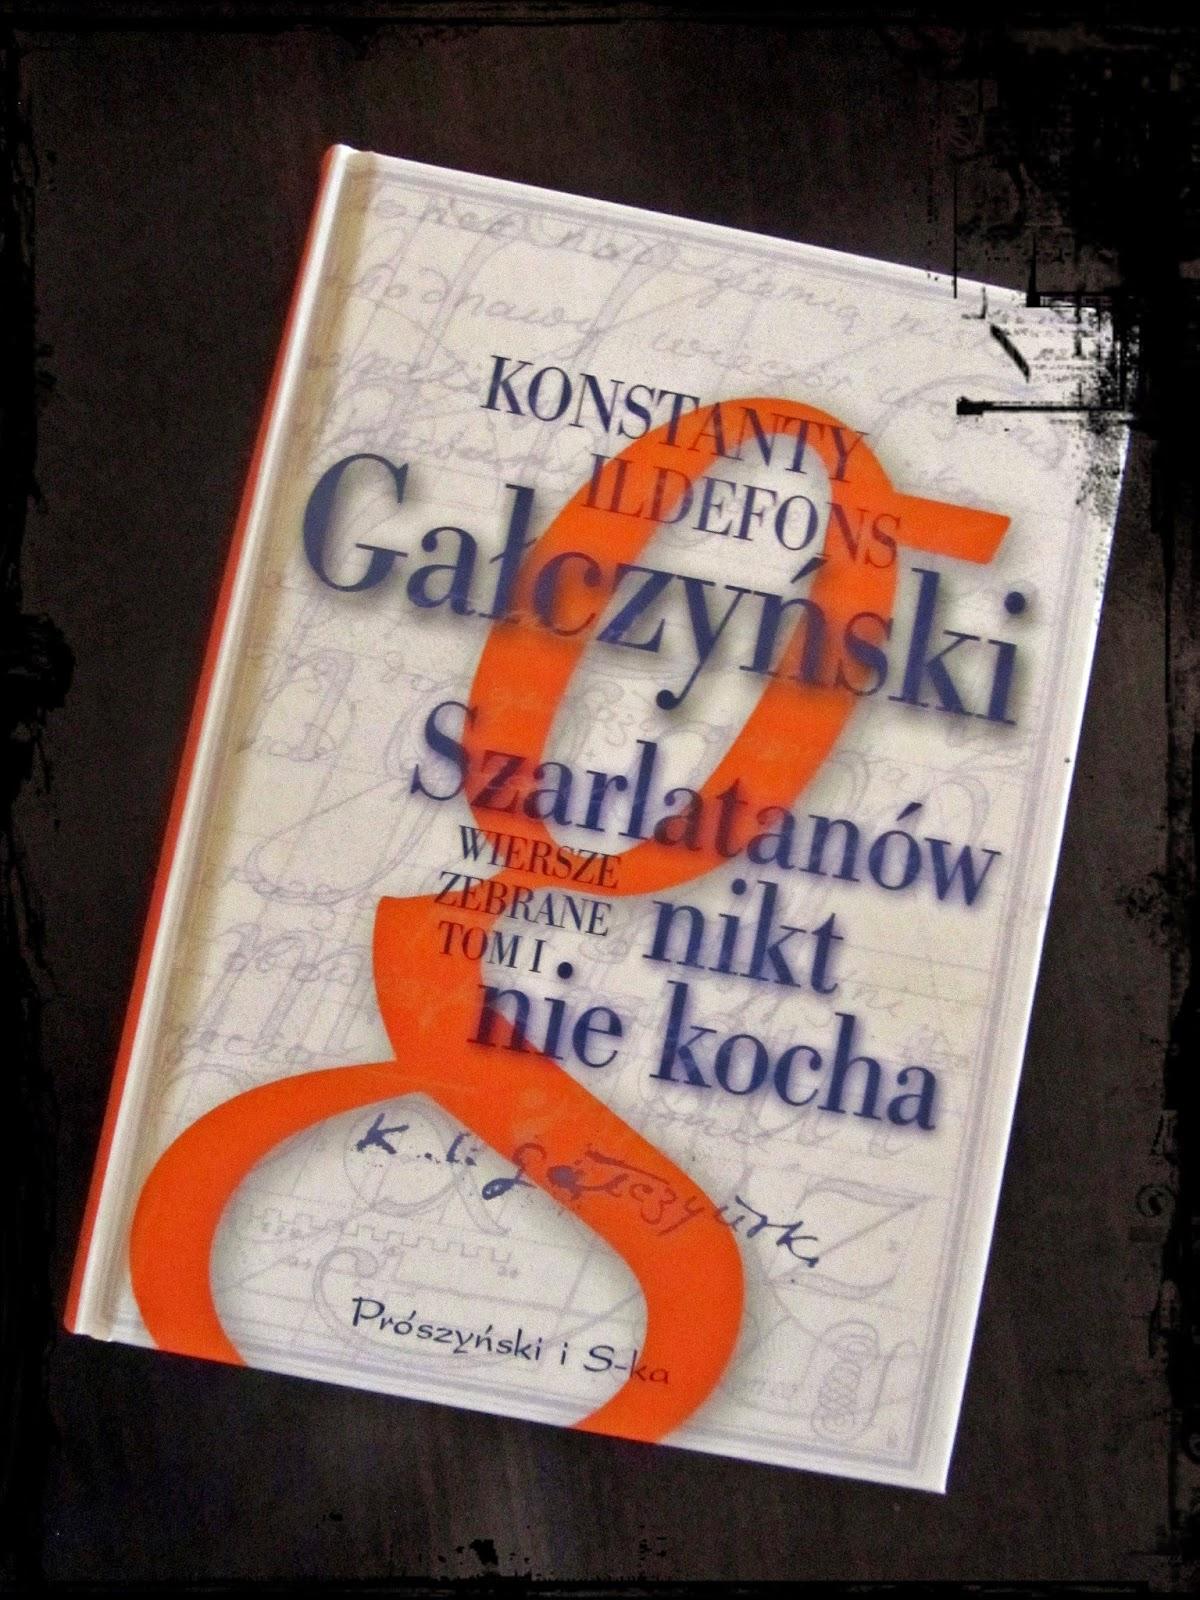 K I Gałczyński Szarlatanów Nikt Nie Kocha